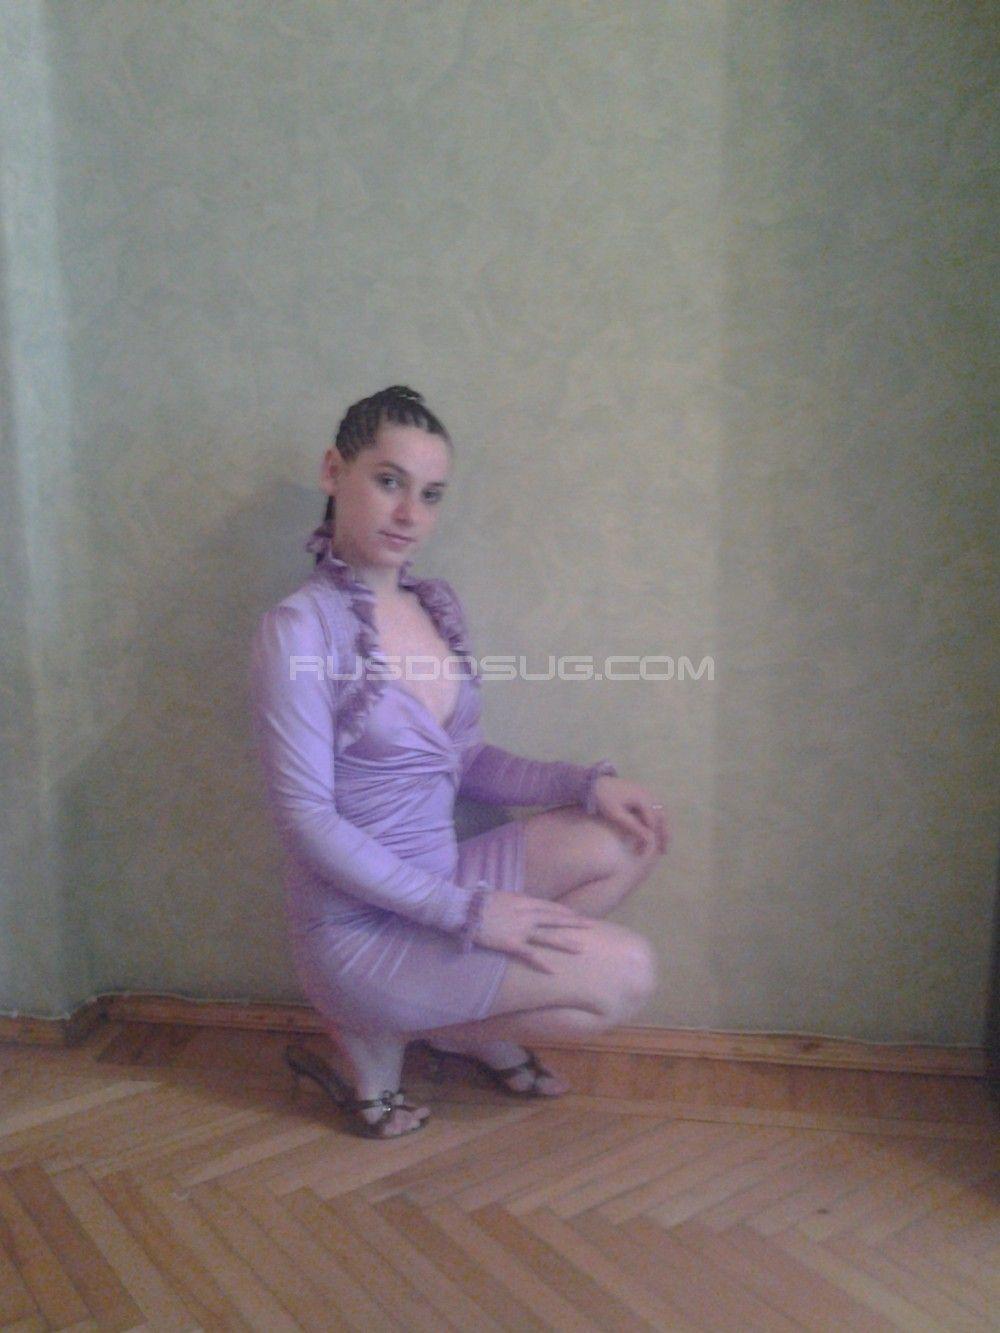 Проститутка Алёна с реальными фото в возрасте 21 лет